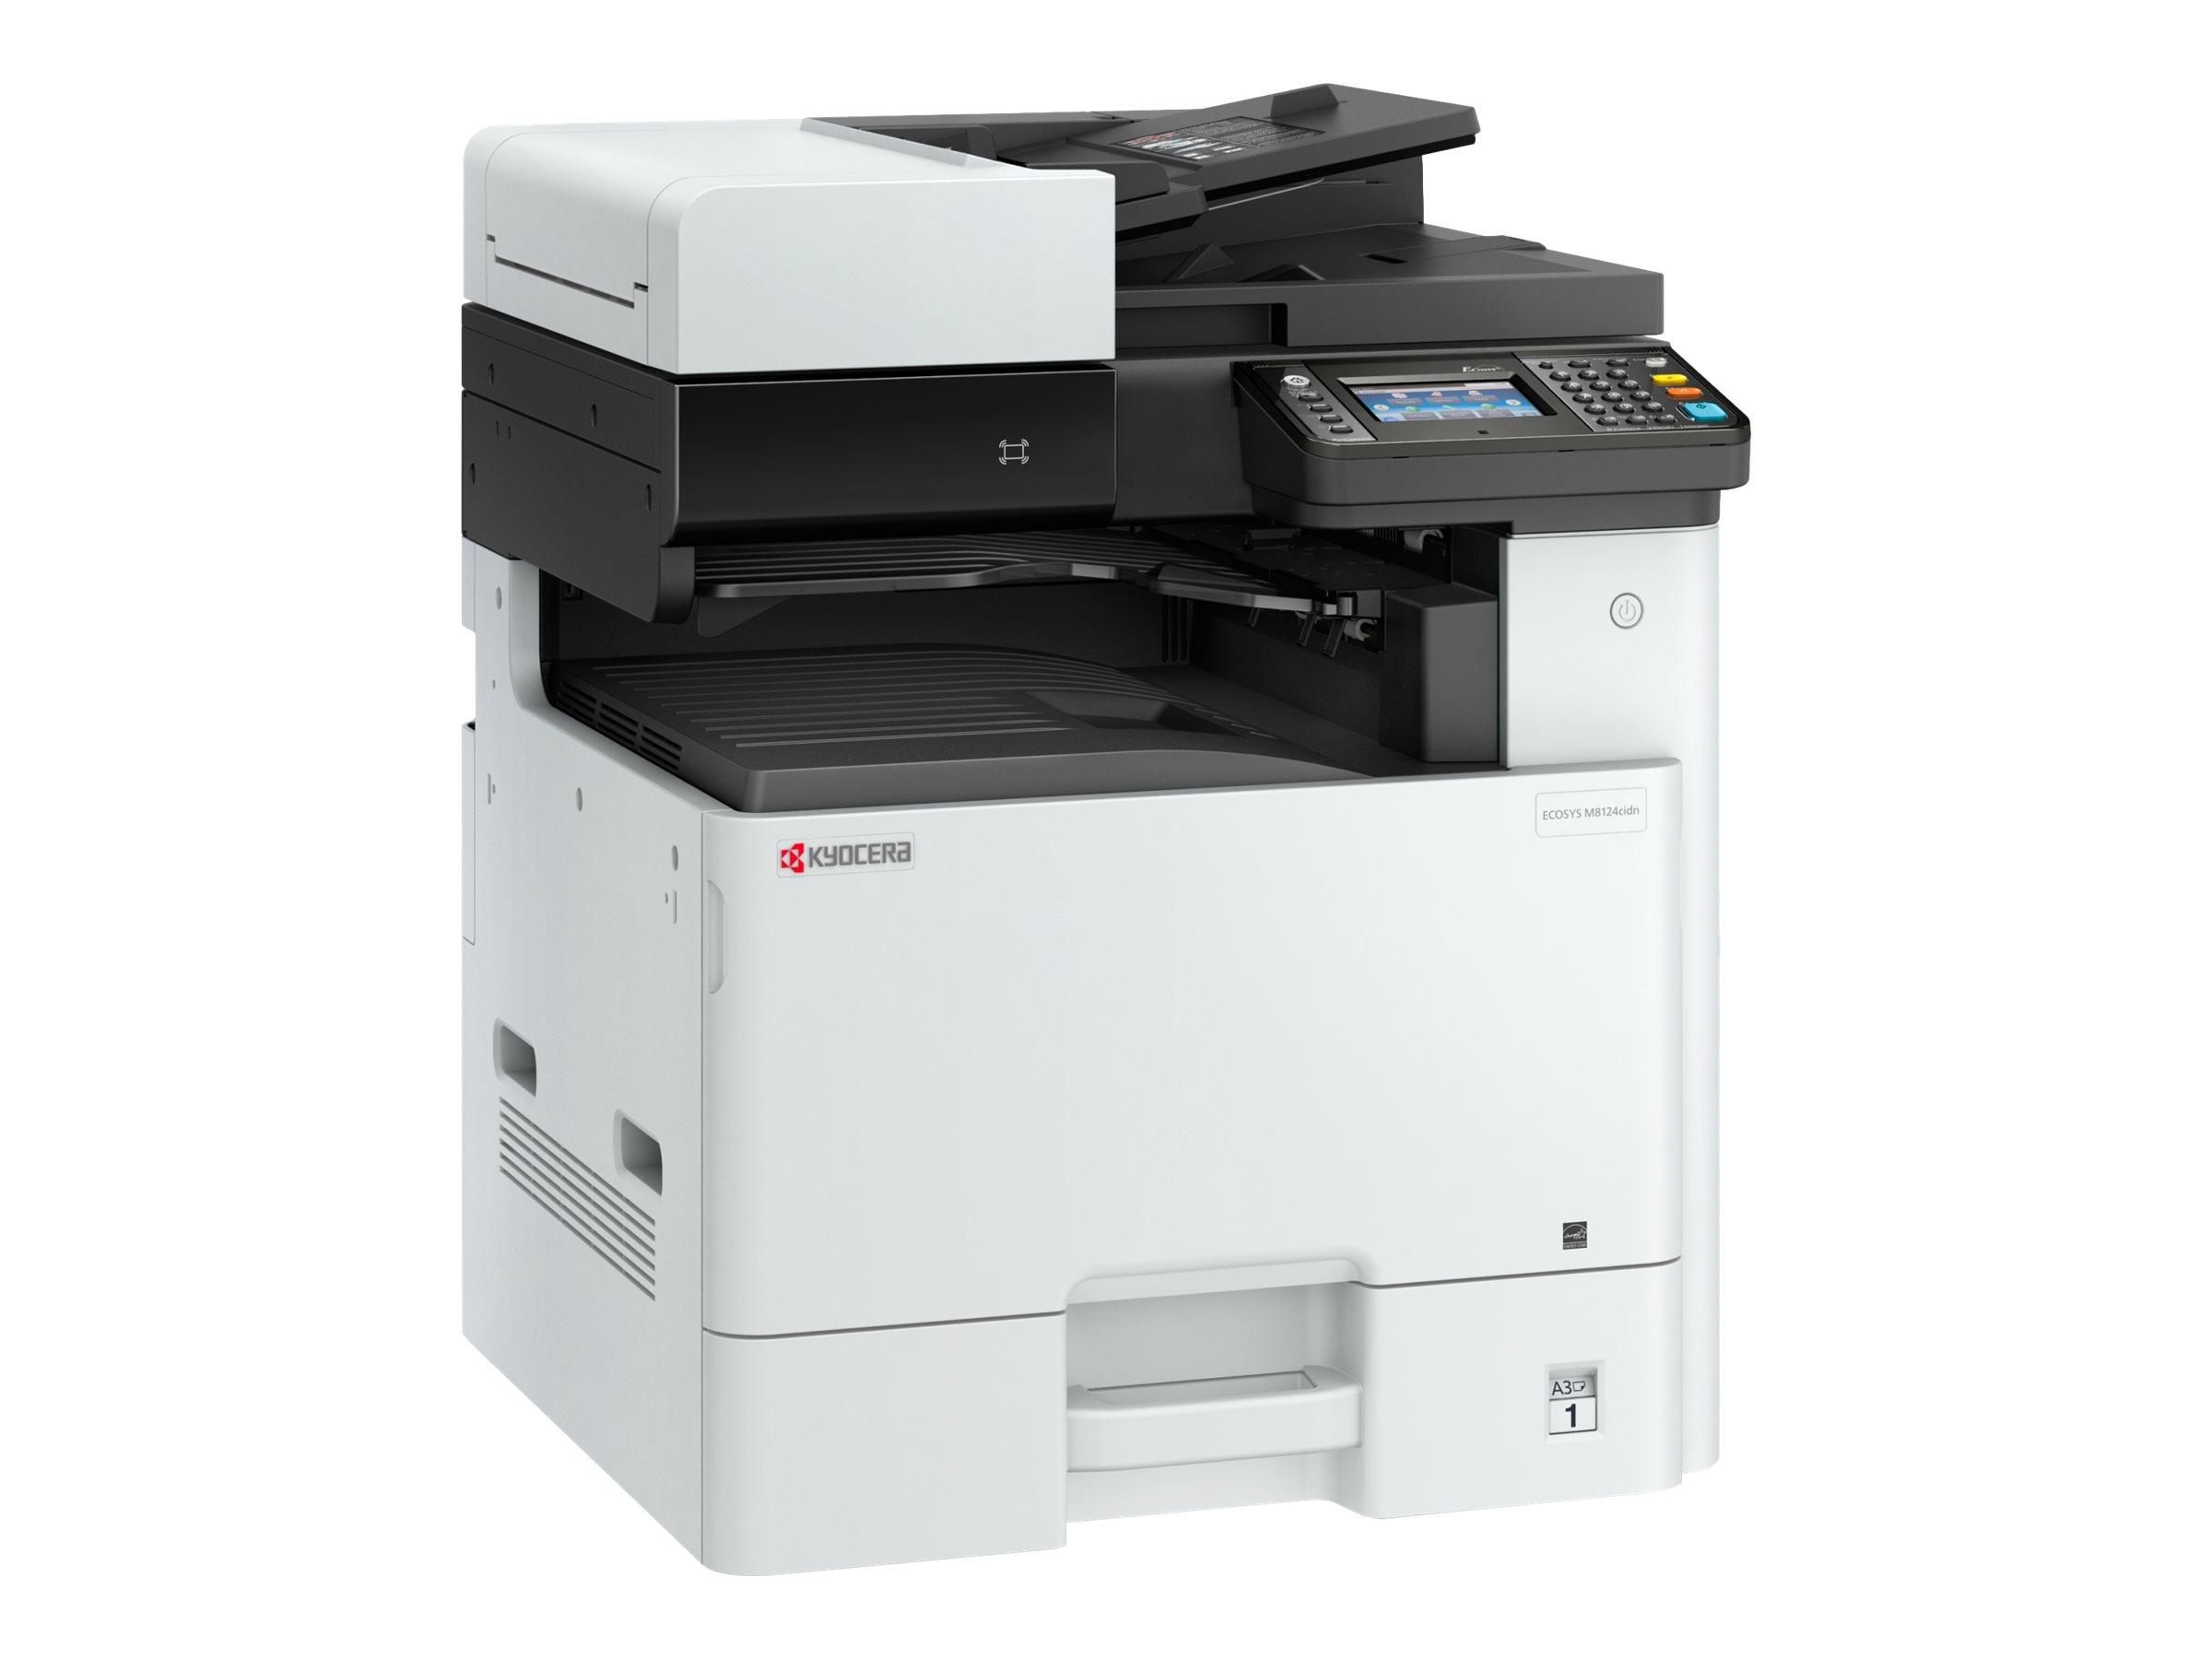 Kyocera KYOM8124CIDN 1102P43Nl0 Multifunction Laser Printer